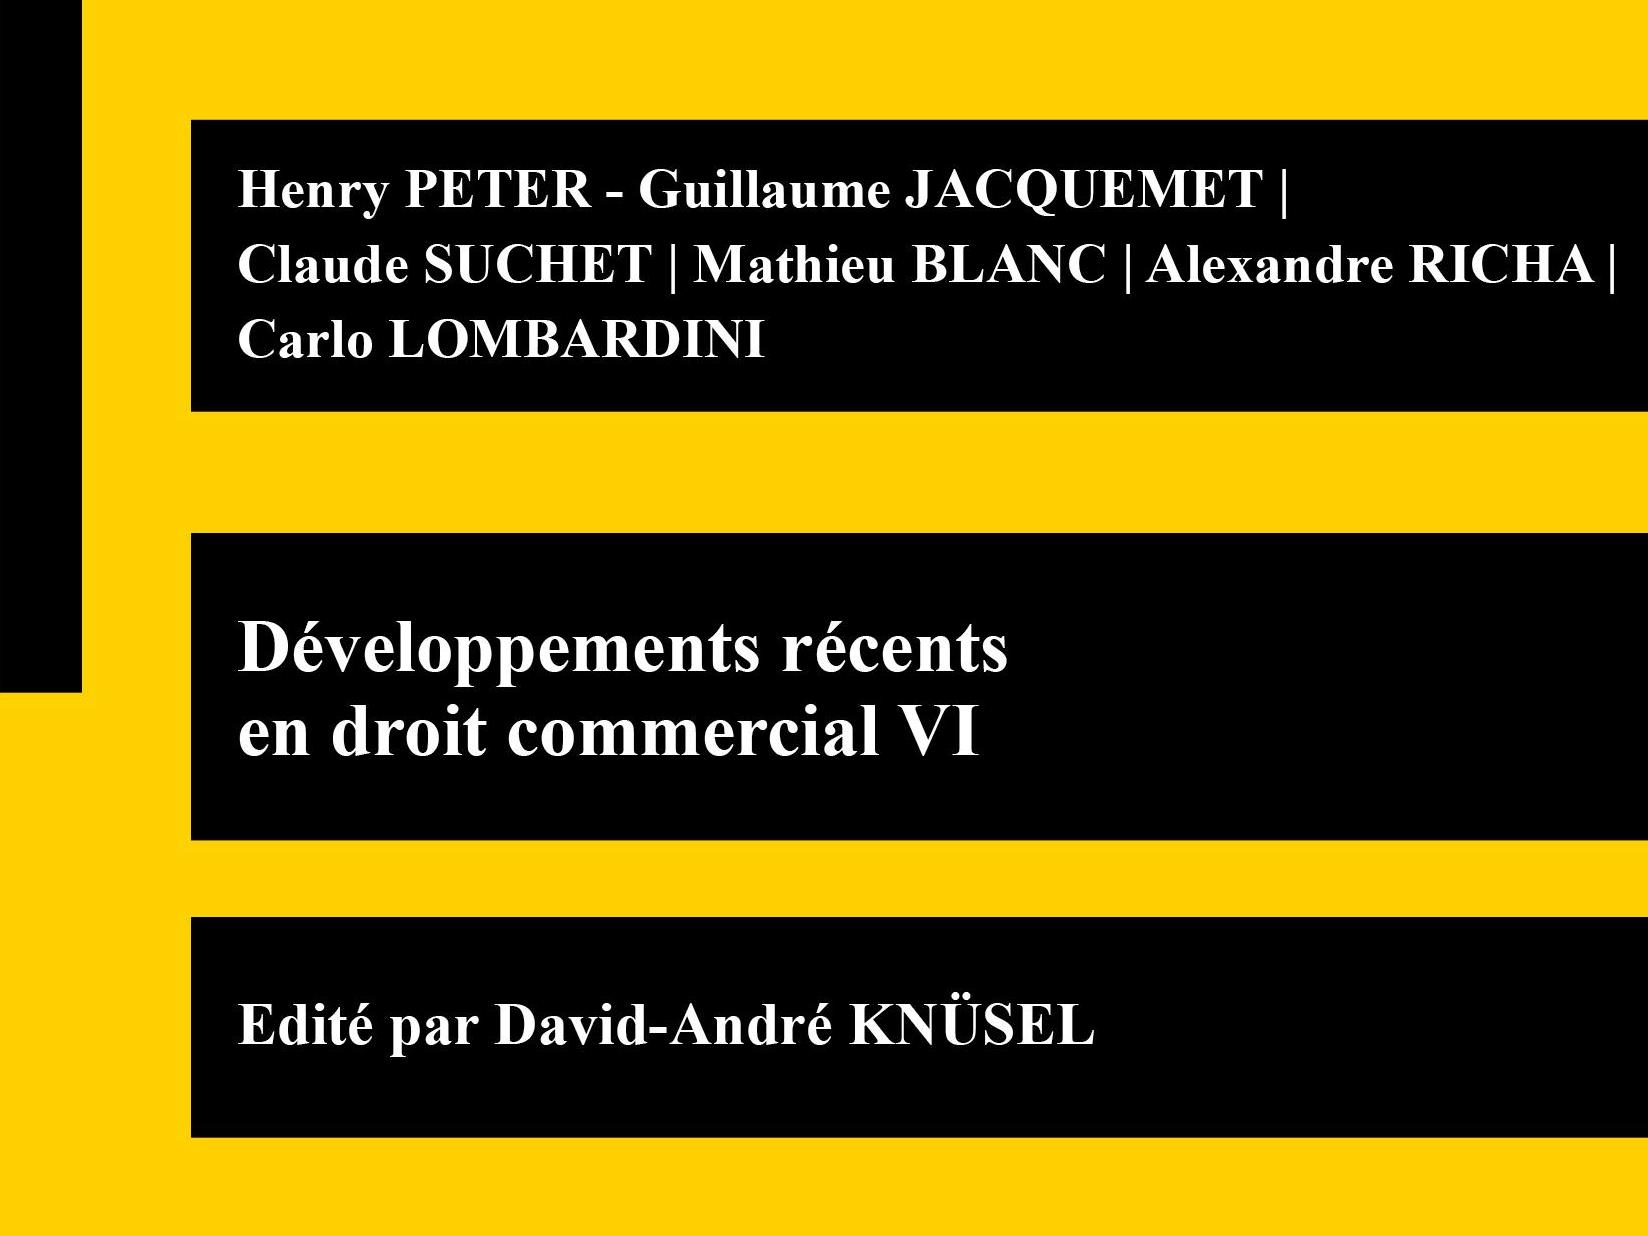 Publication │Développements récents  en droit commercial VI